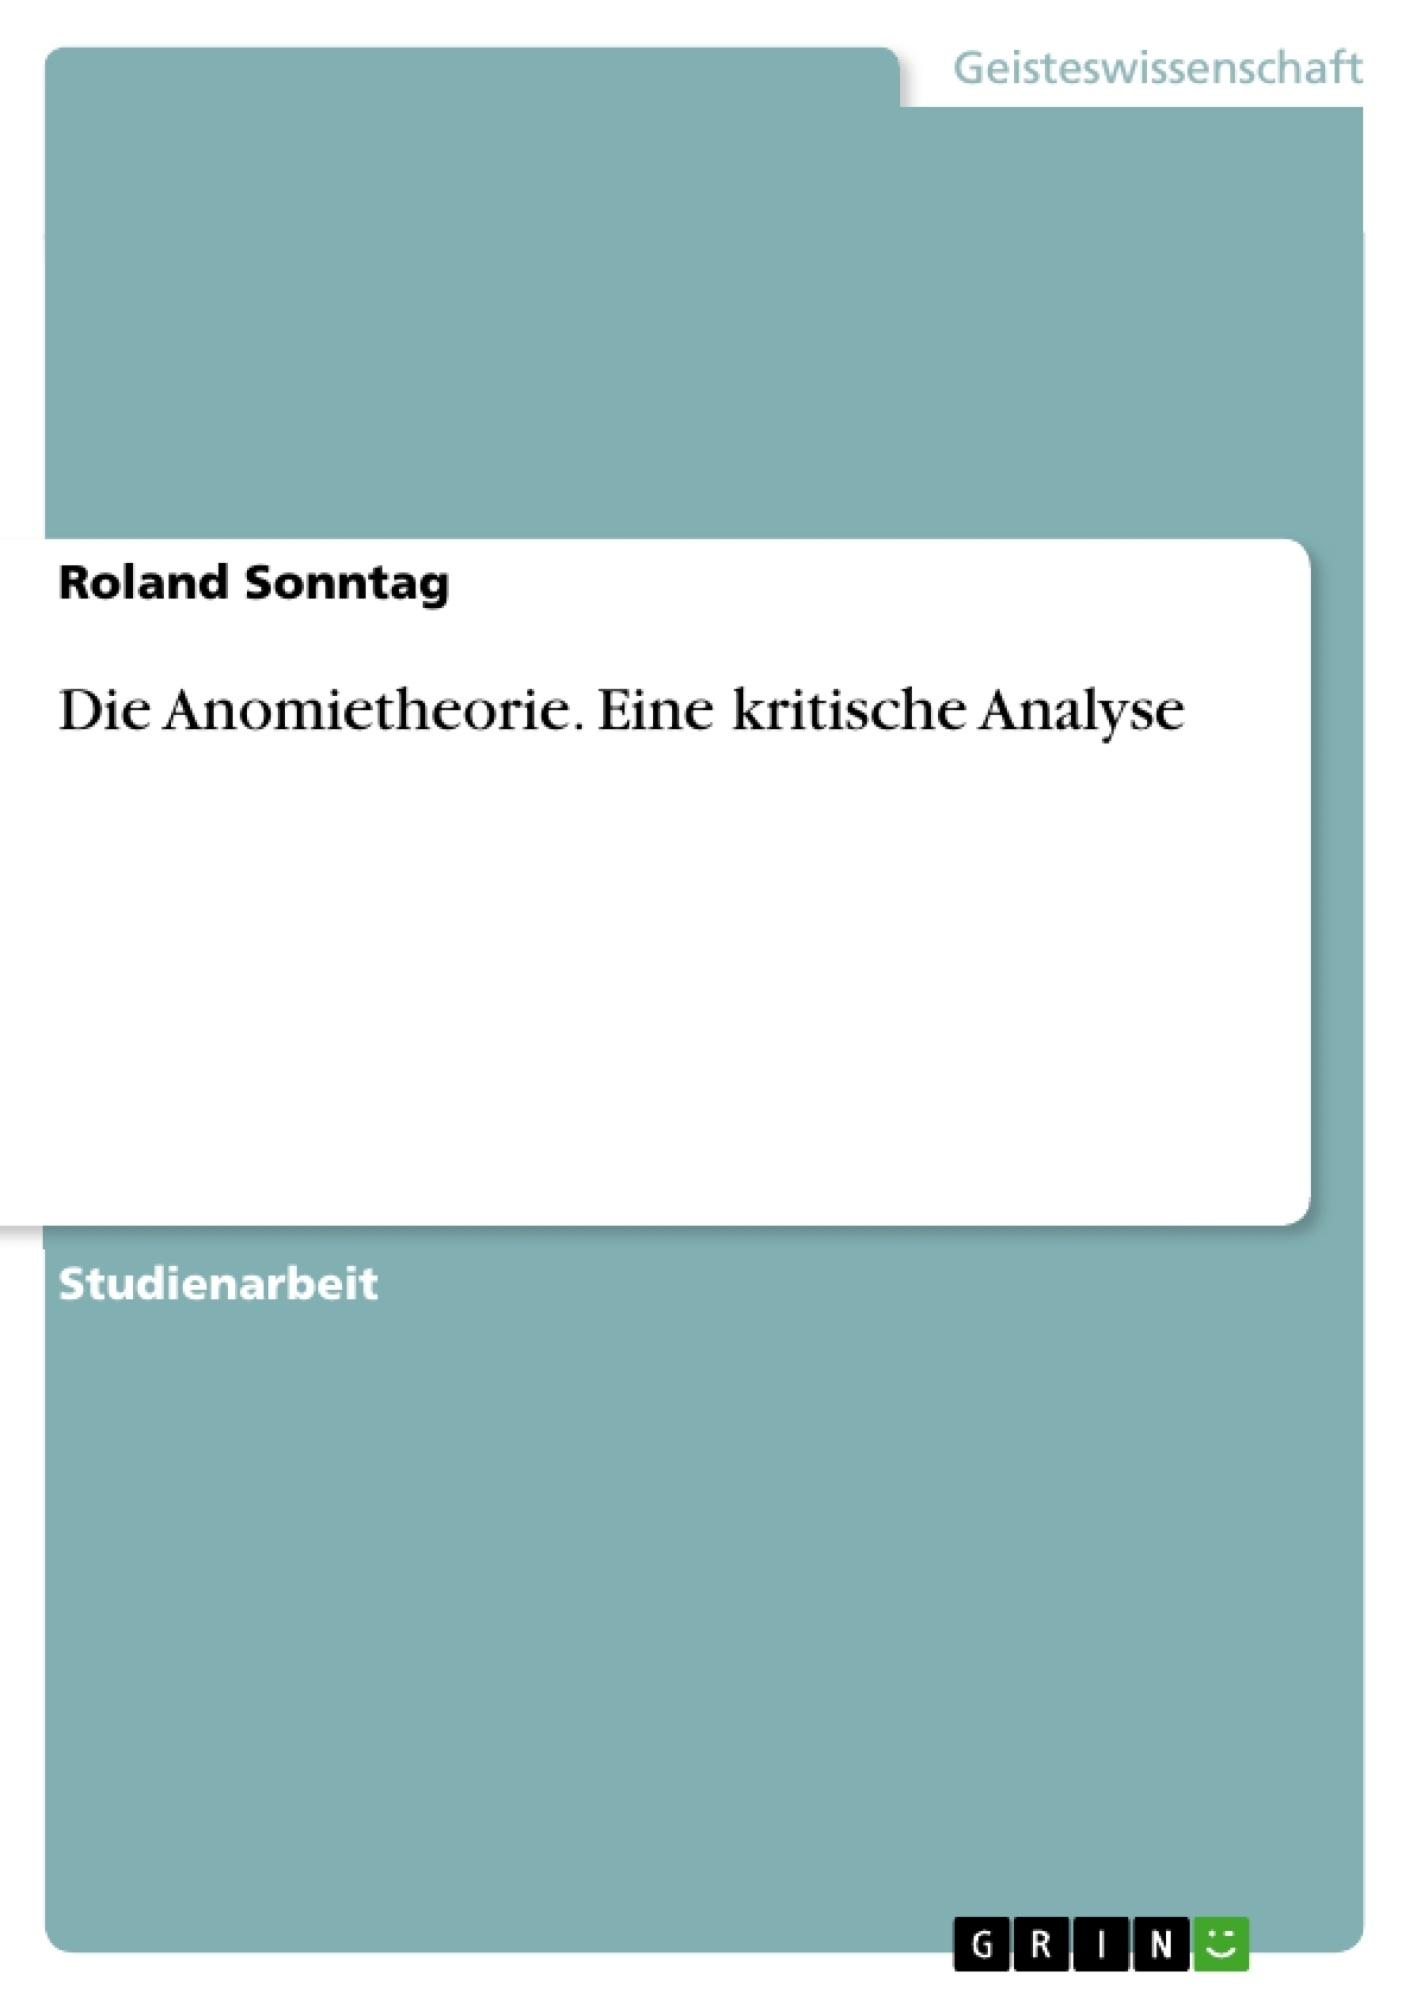 Titel: Die Anomietheorie. Eine kritische Analyse